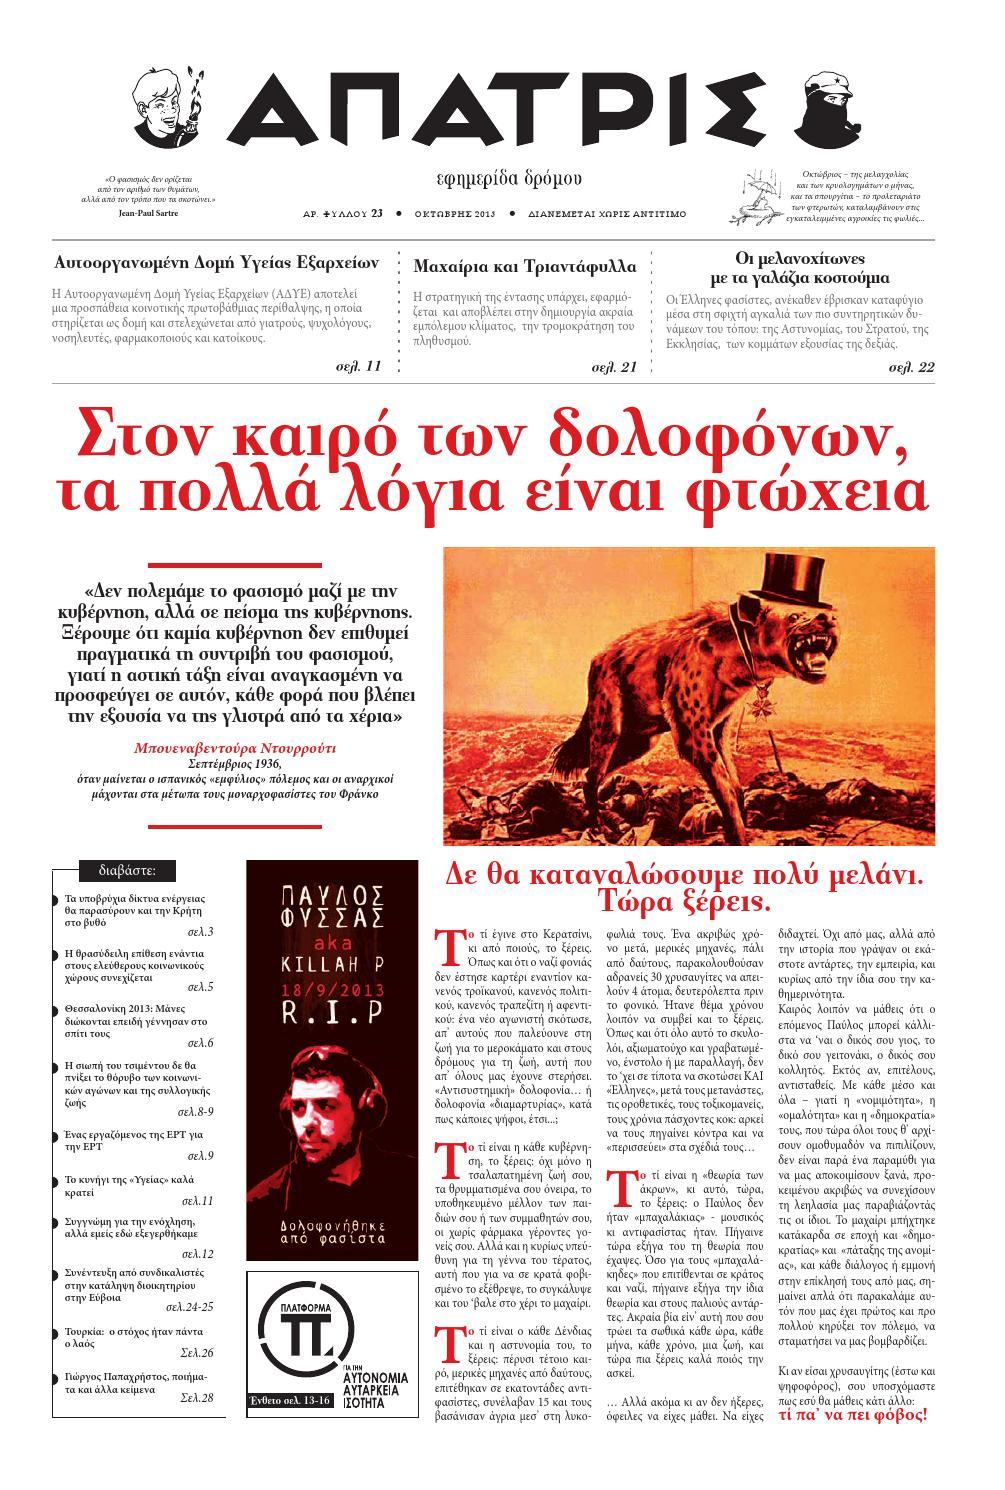 50f6a85668c4 Apatris 23 by ΑΠΑΤΡΙΣ Εφημερίδα δρόμου - issuu